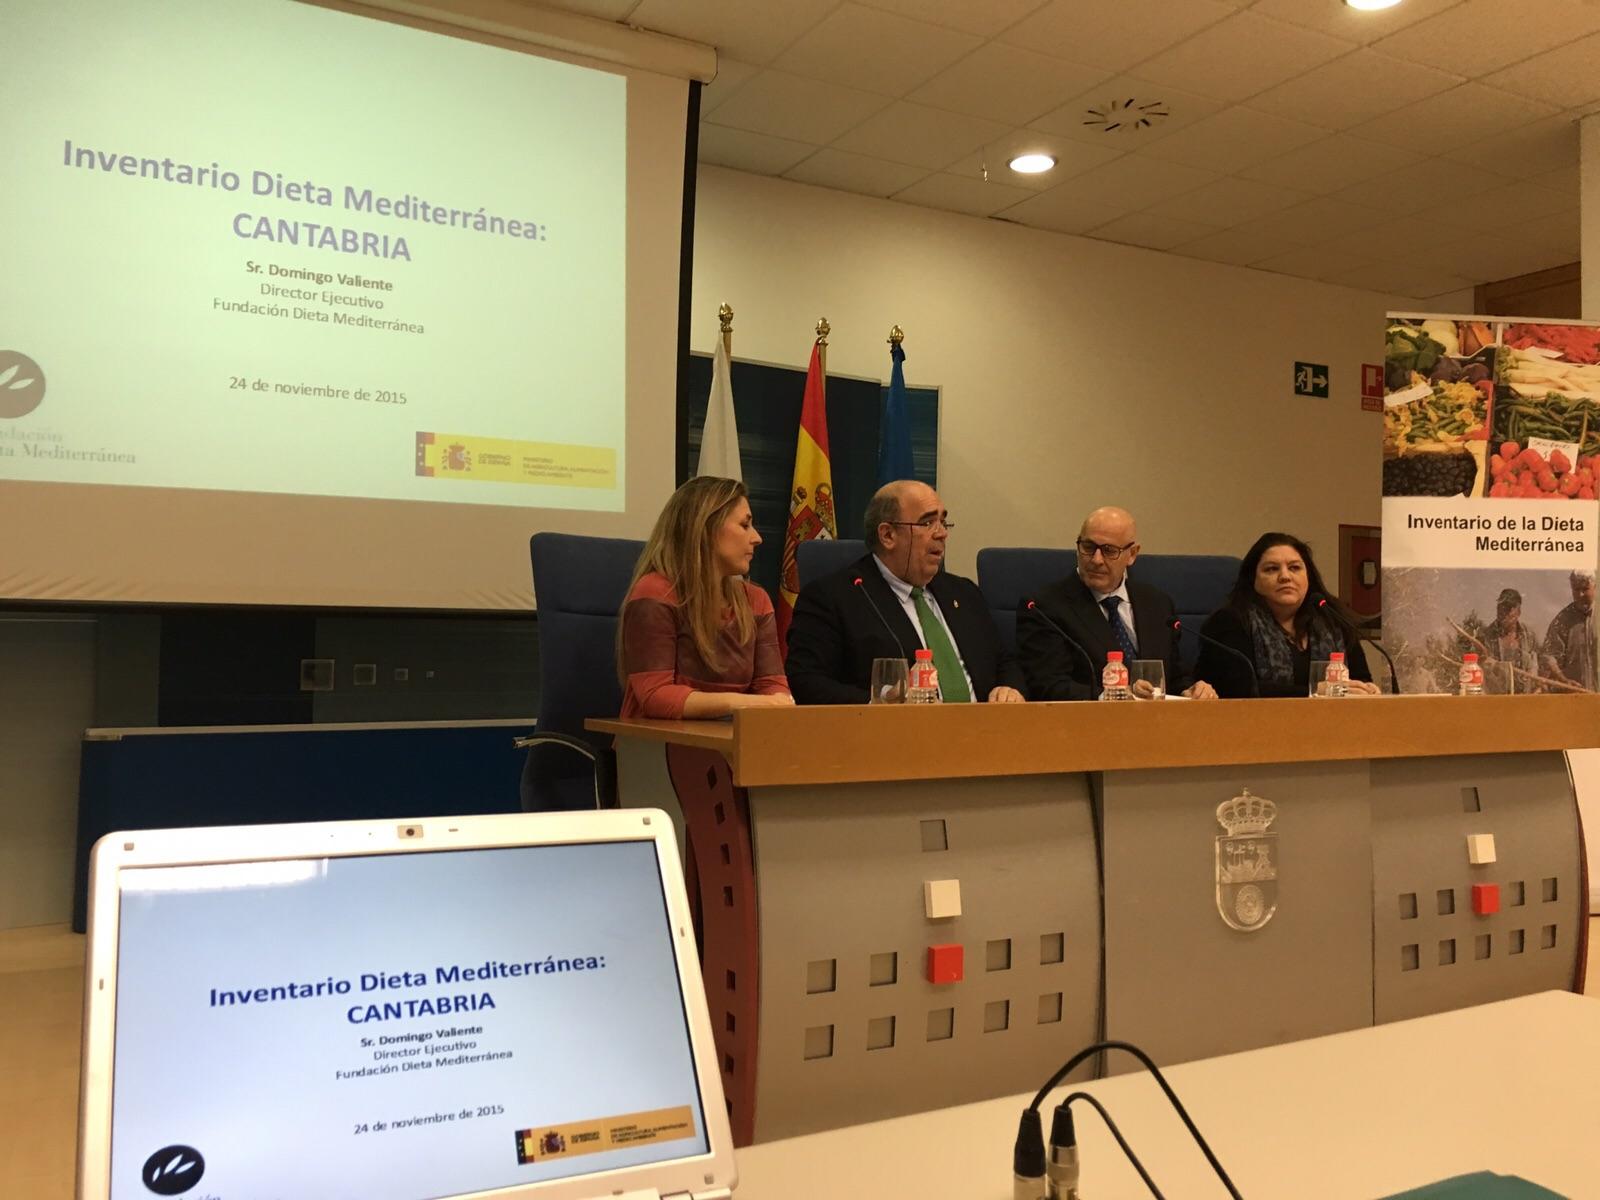 Cantabria se suma al Inventario de la Dieta Mediterránea